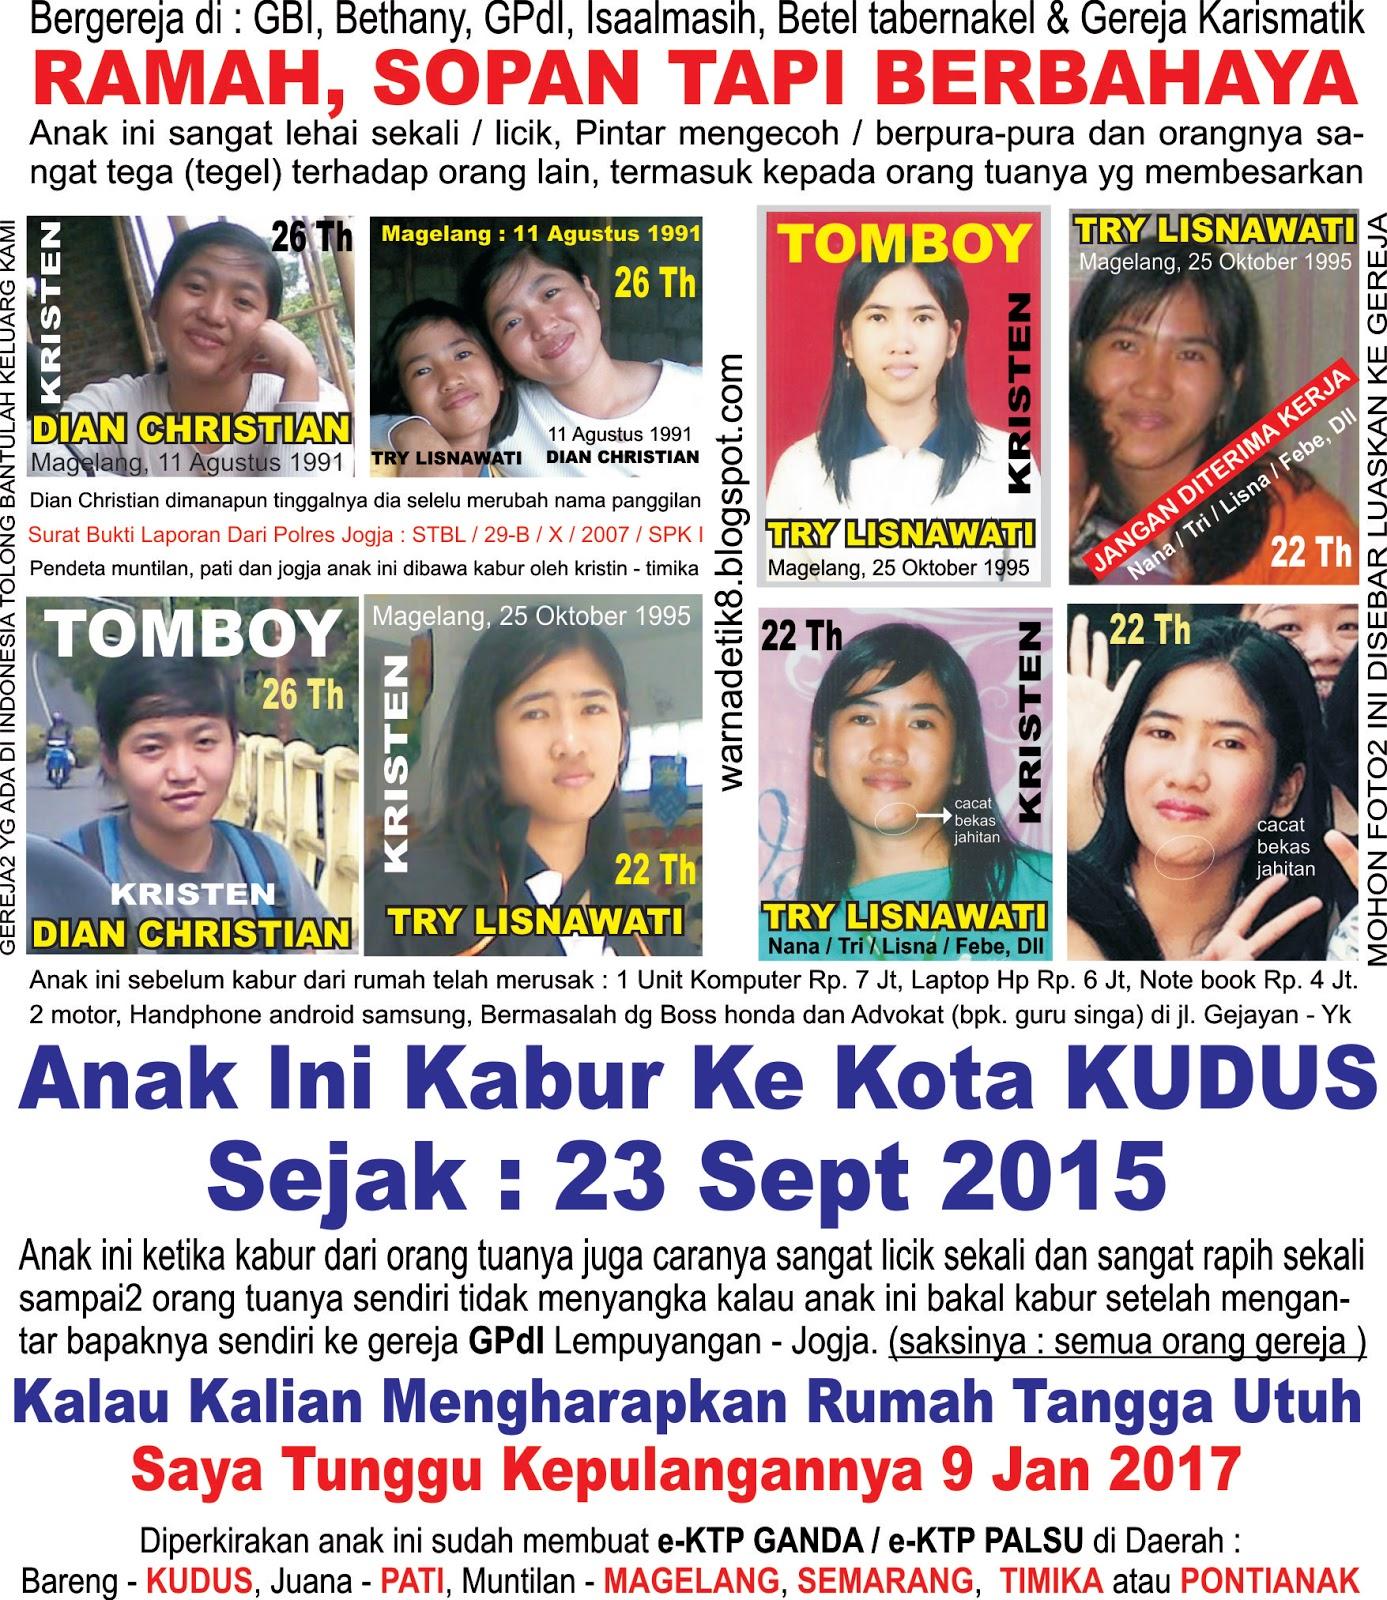 Alamat Baja Ringan Bandung Kisah Nyata Anak Kristen Di Didik Tidak Takut Tuhan Oleh ...